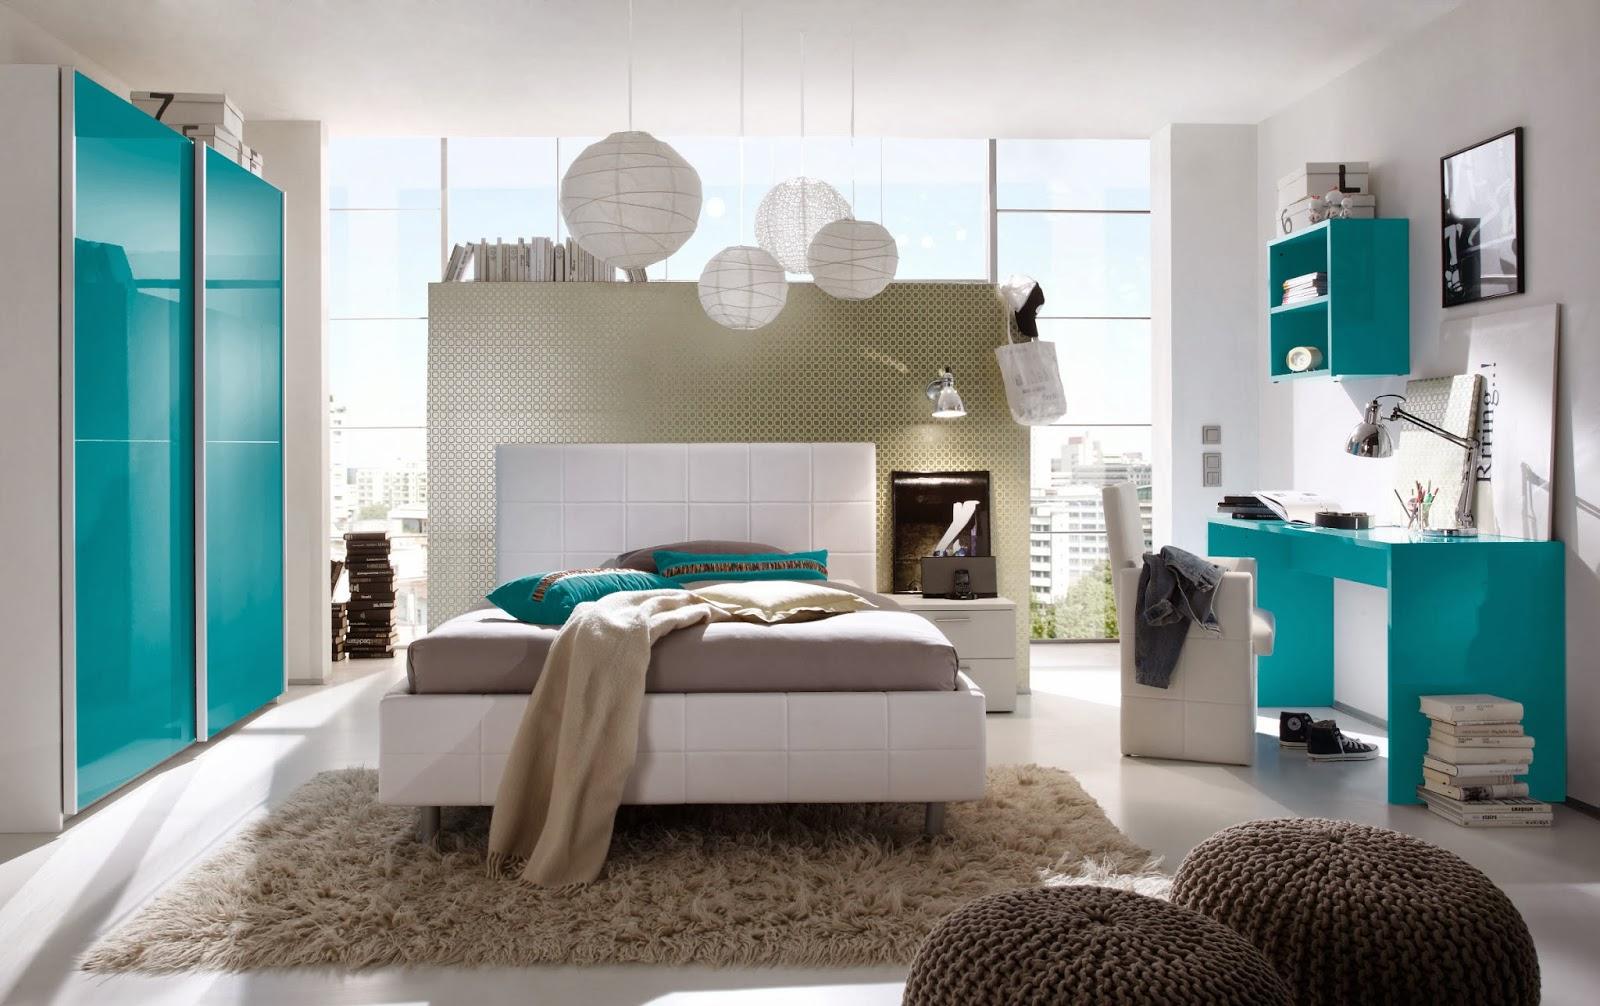 Dormitorios en gris y turquesa dormitorios colores y estilos - Dormitorios modernos en blanco y plata ...